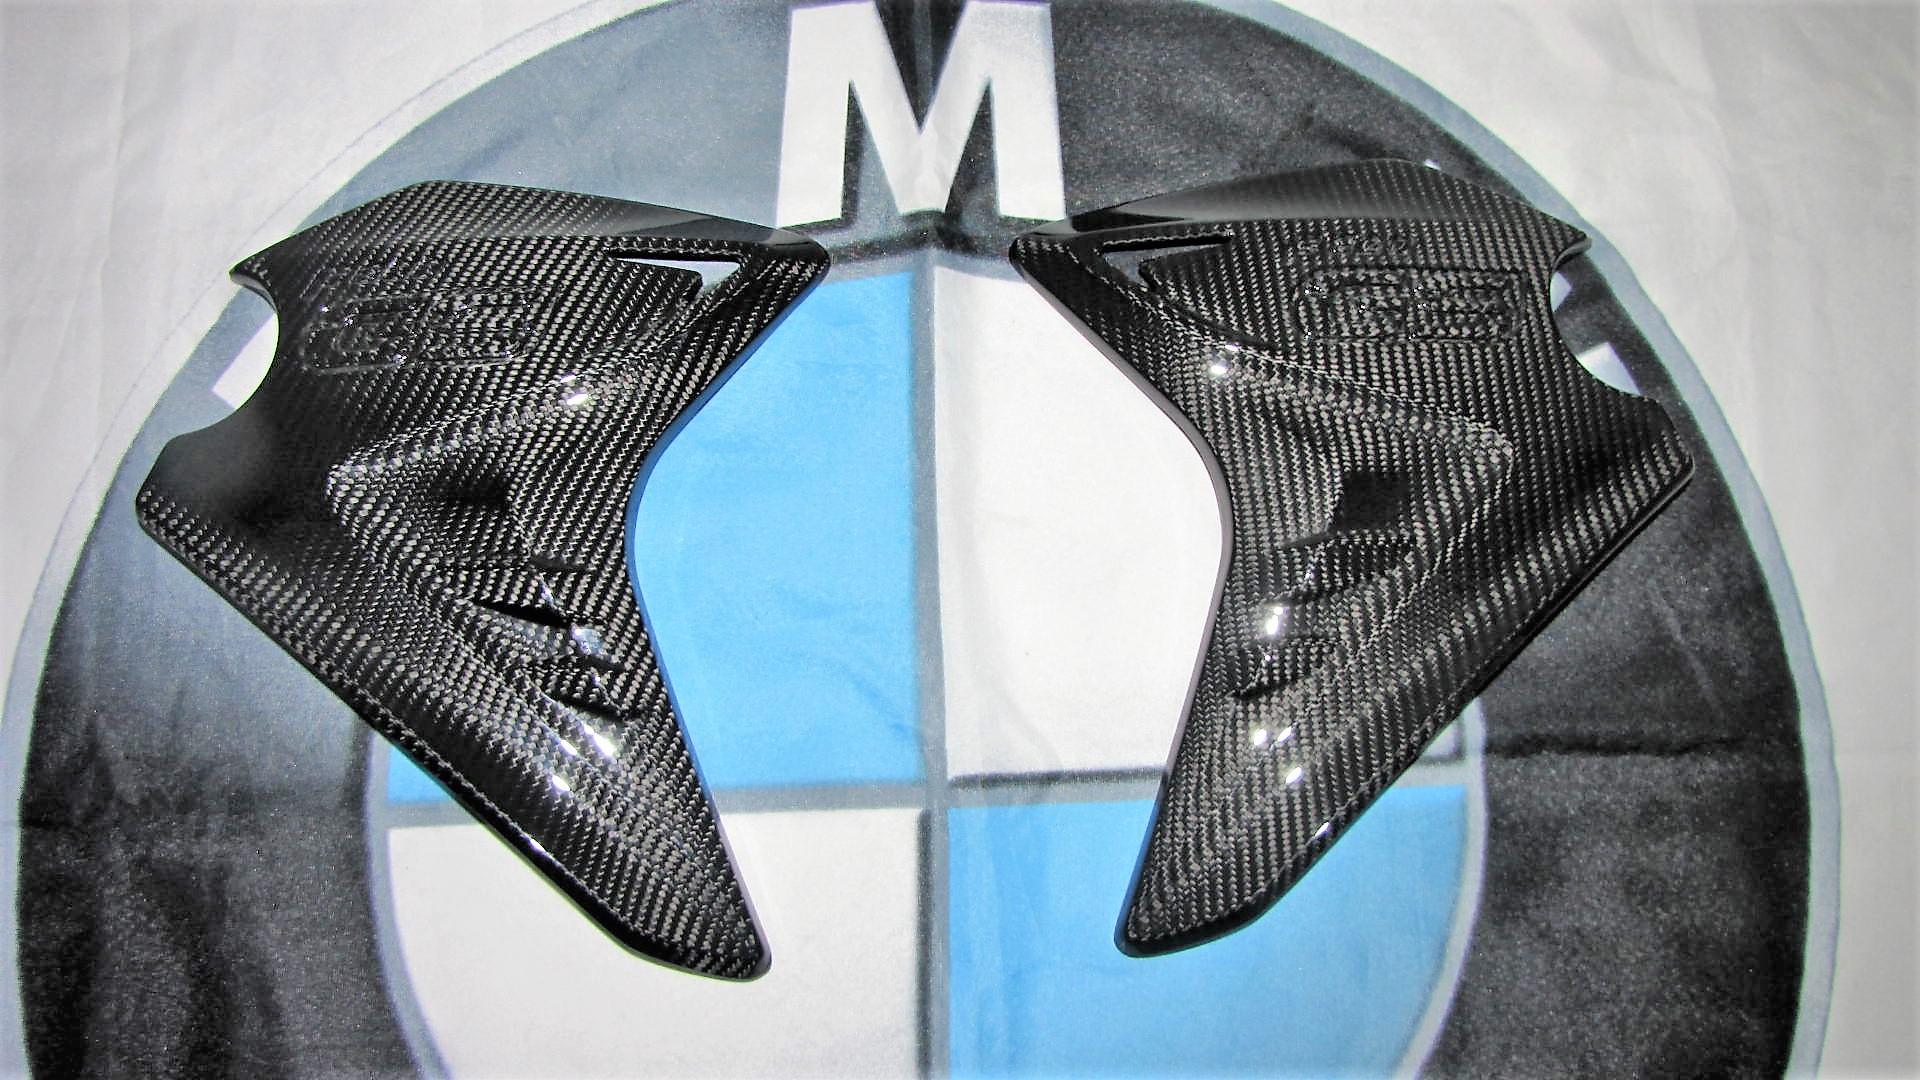 Für BMW F800GS 2013 Facelift Echt Carbon Tank Seitenteile Verkleidung